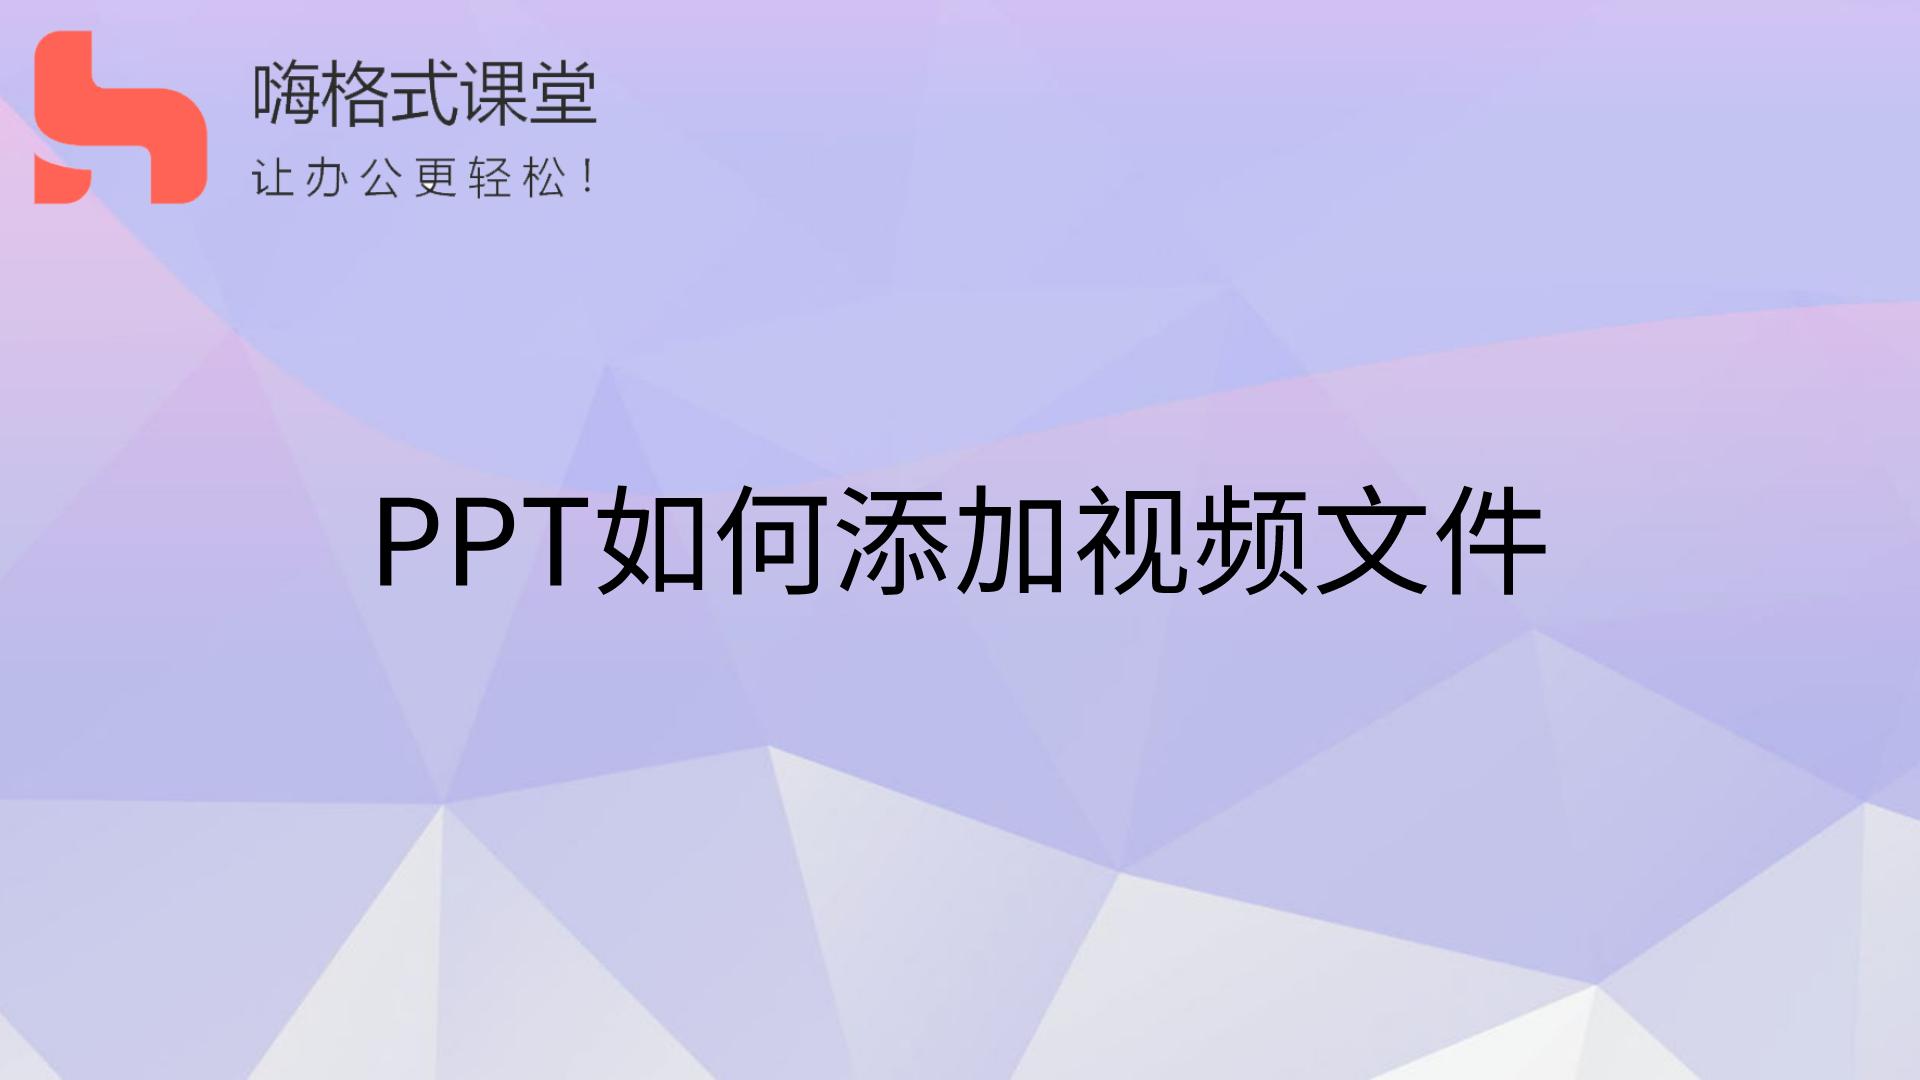 PPT如何添加视频文件